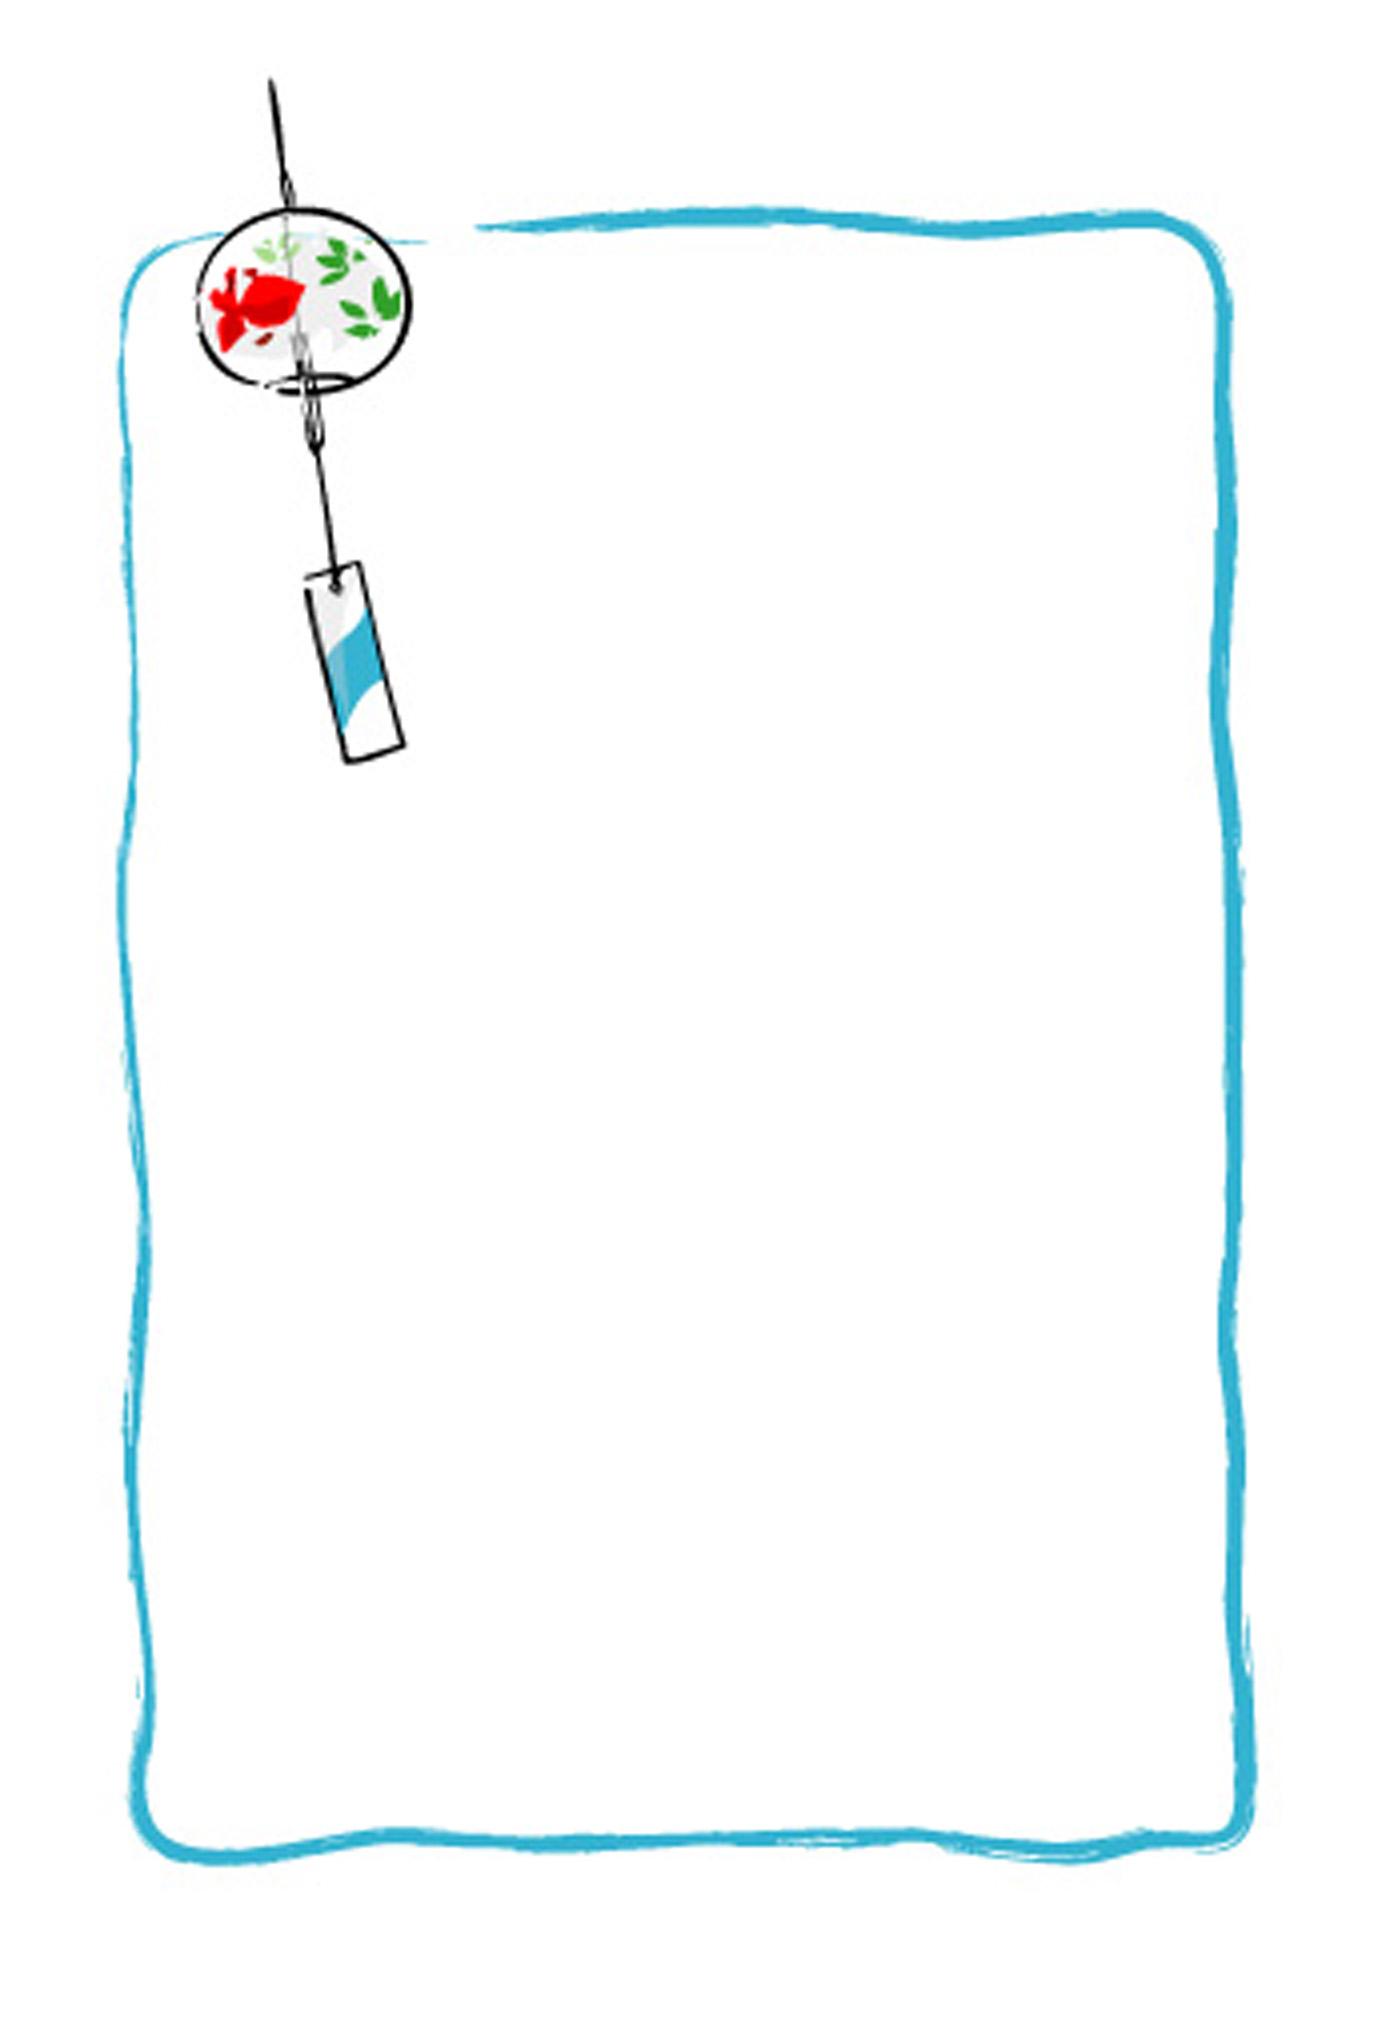 シンプルな風鈴のイラストのはがき。メモ用紙にも : 【無料素材